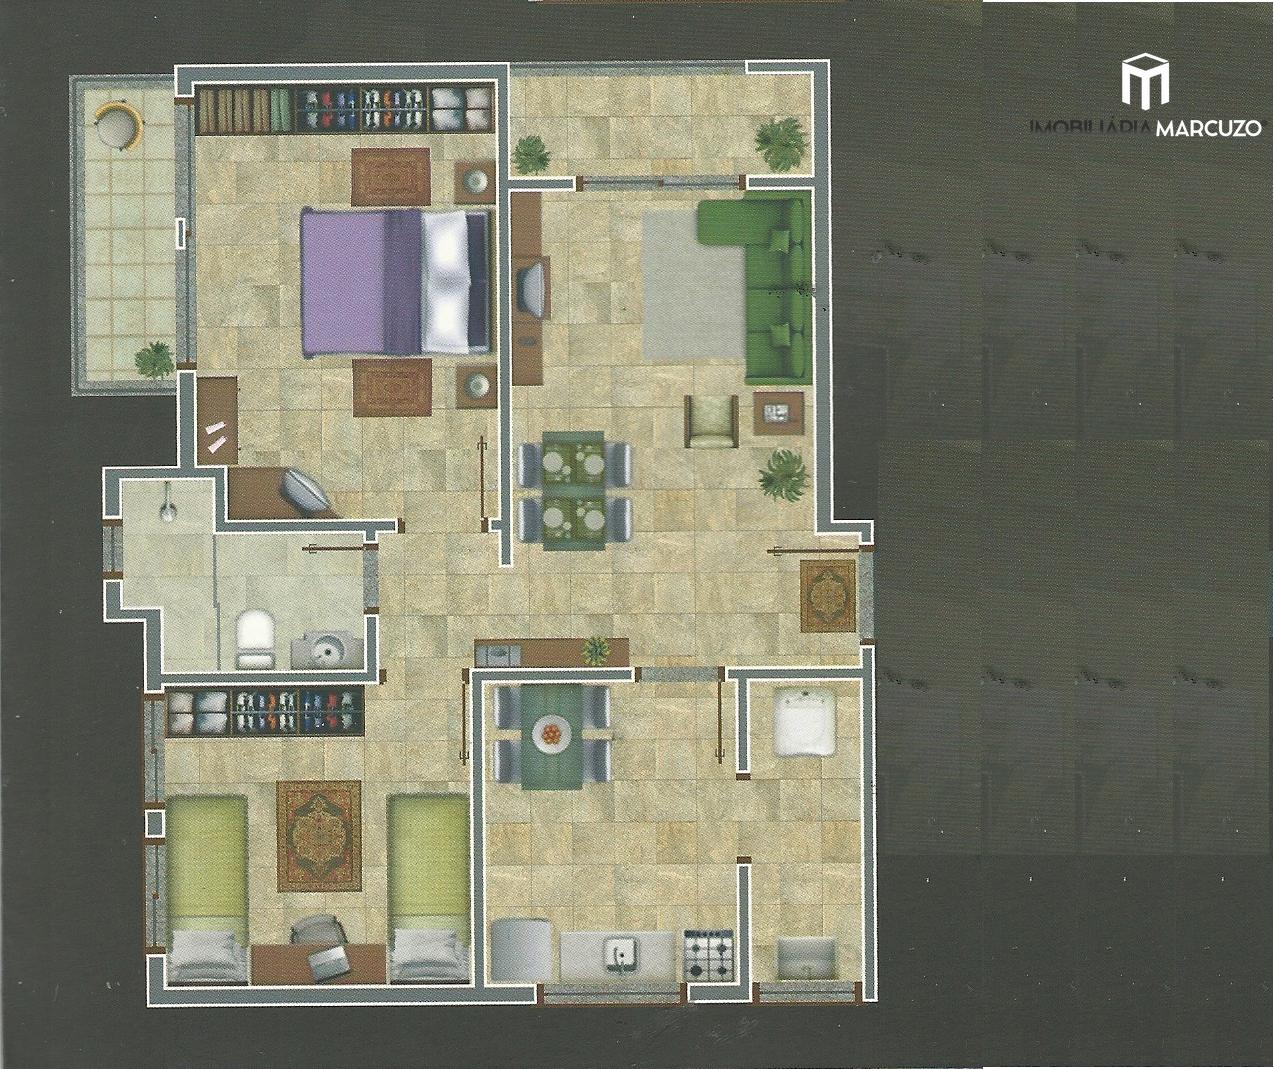 Apartamento com 2 Dormitórios à venda, 64 m² por R$ 220.000,00